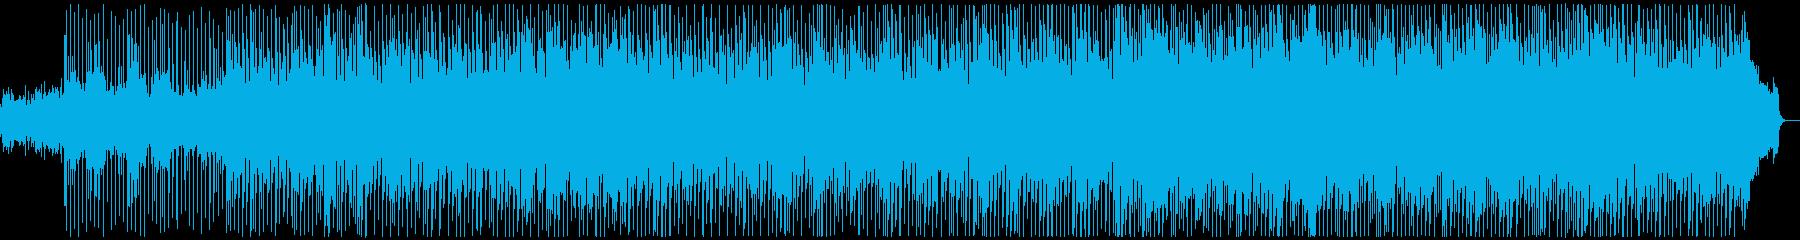 明るくキラキラした爽快なアコギのBGMの再生済みの波形